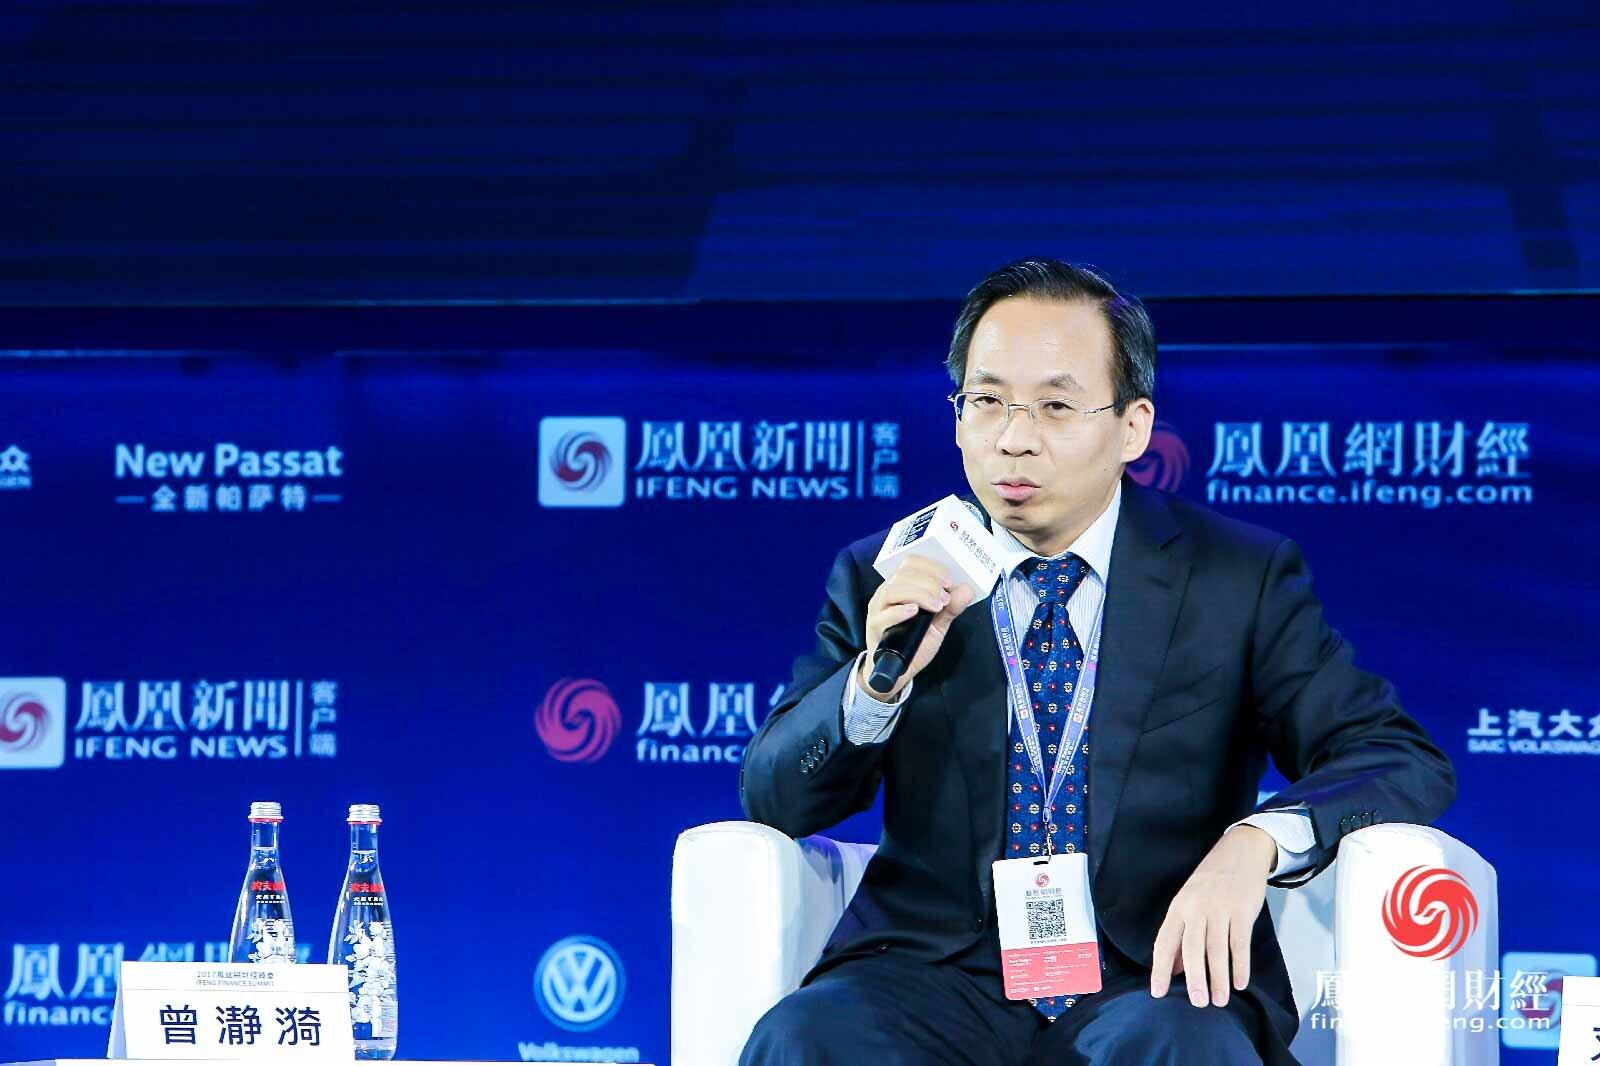 刘尚希:中国现在经济增速6.5%相当不错了